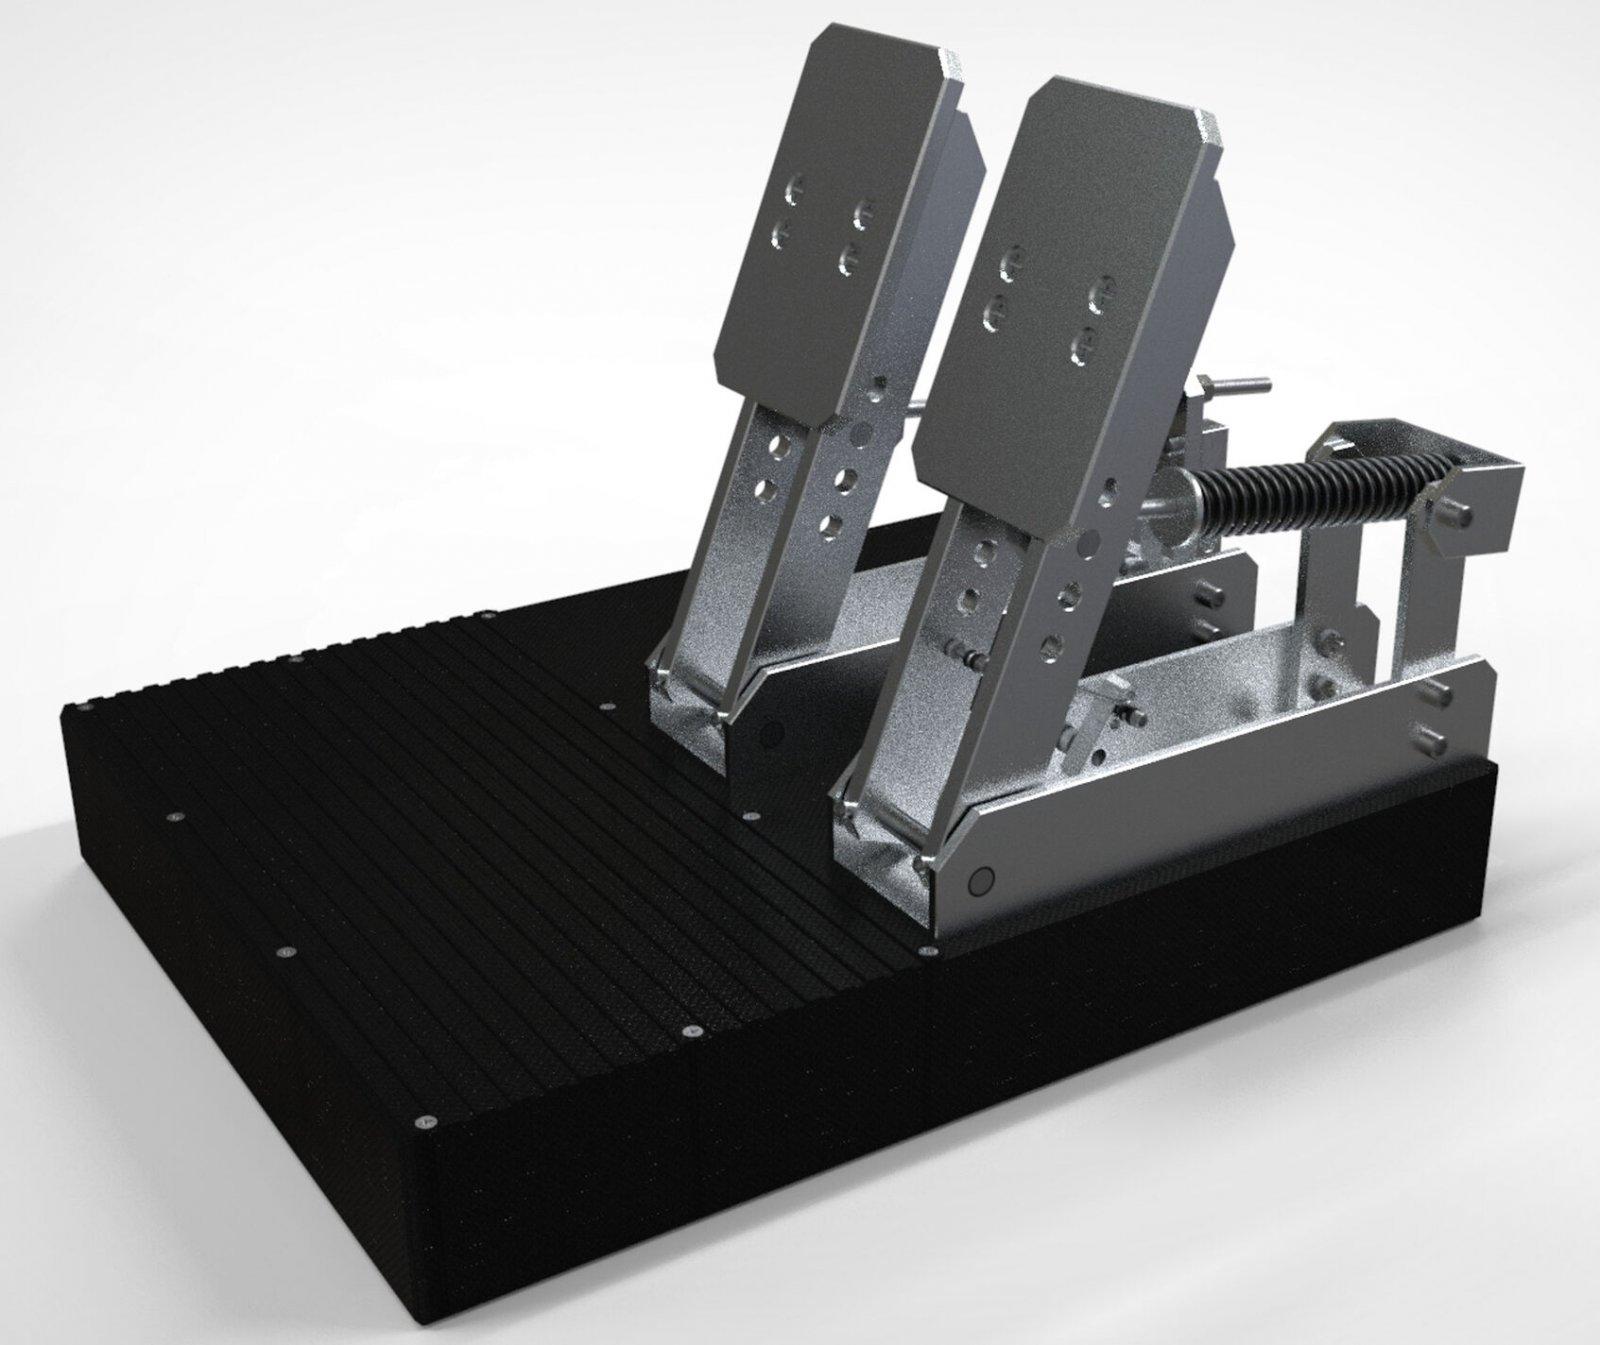 348906_render_pedal-jpg.63992